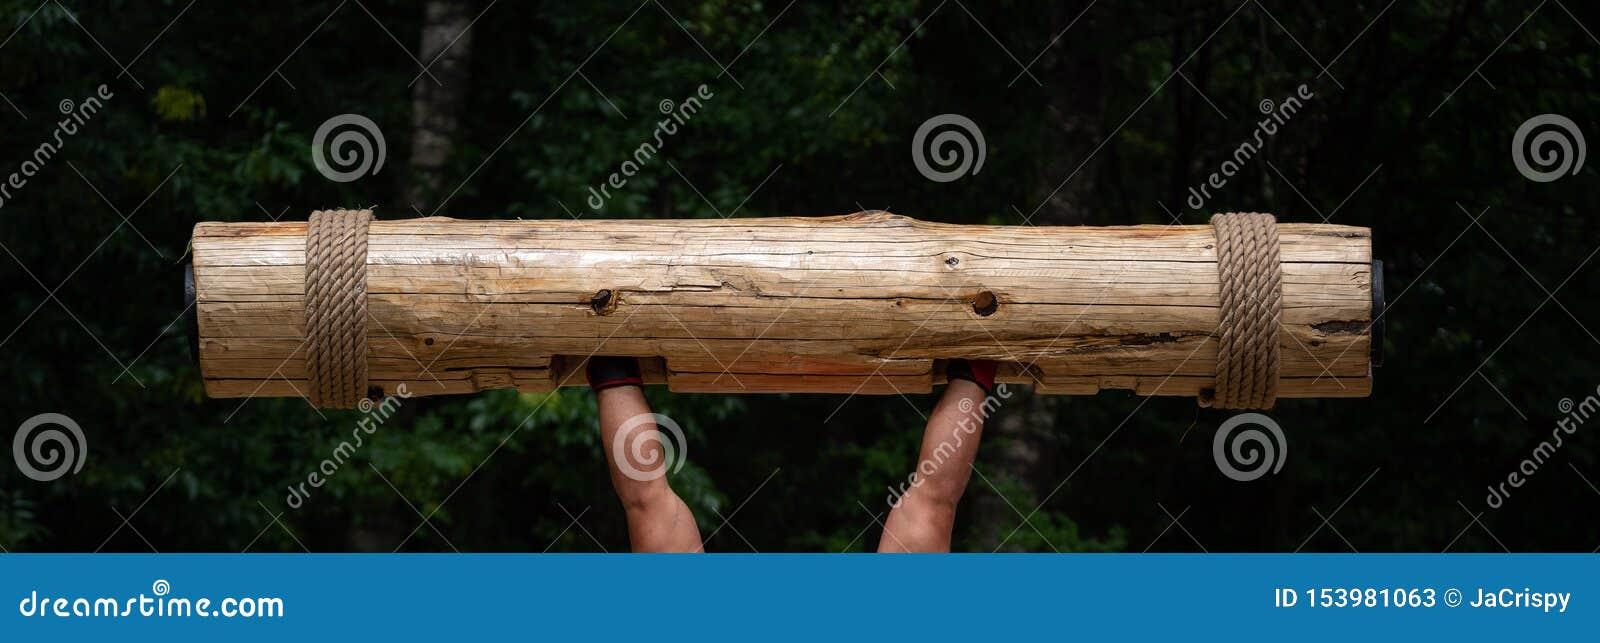 Più forte uomo nella concorrenza del mondo Mani muscolari che alzano tronco di legno pesante Ceppo di legno di sollevamento dell